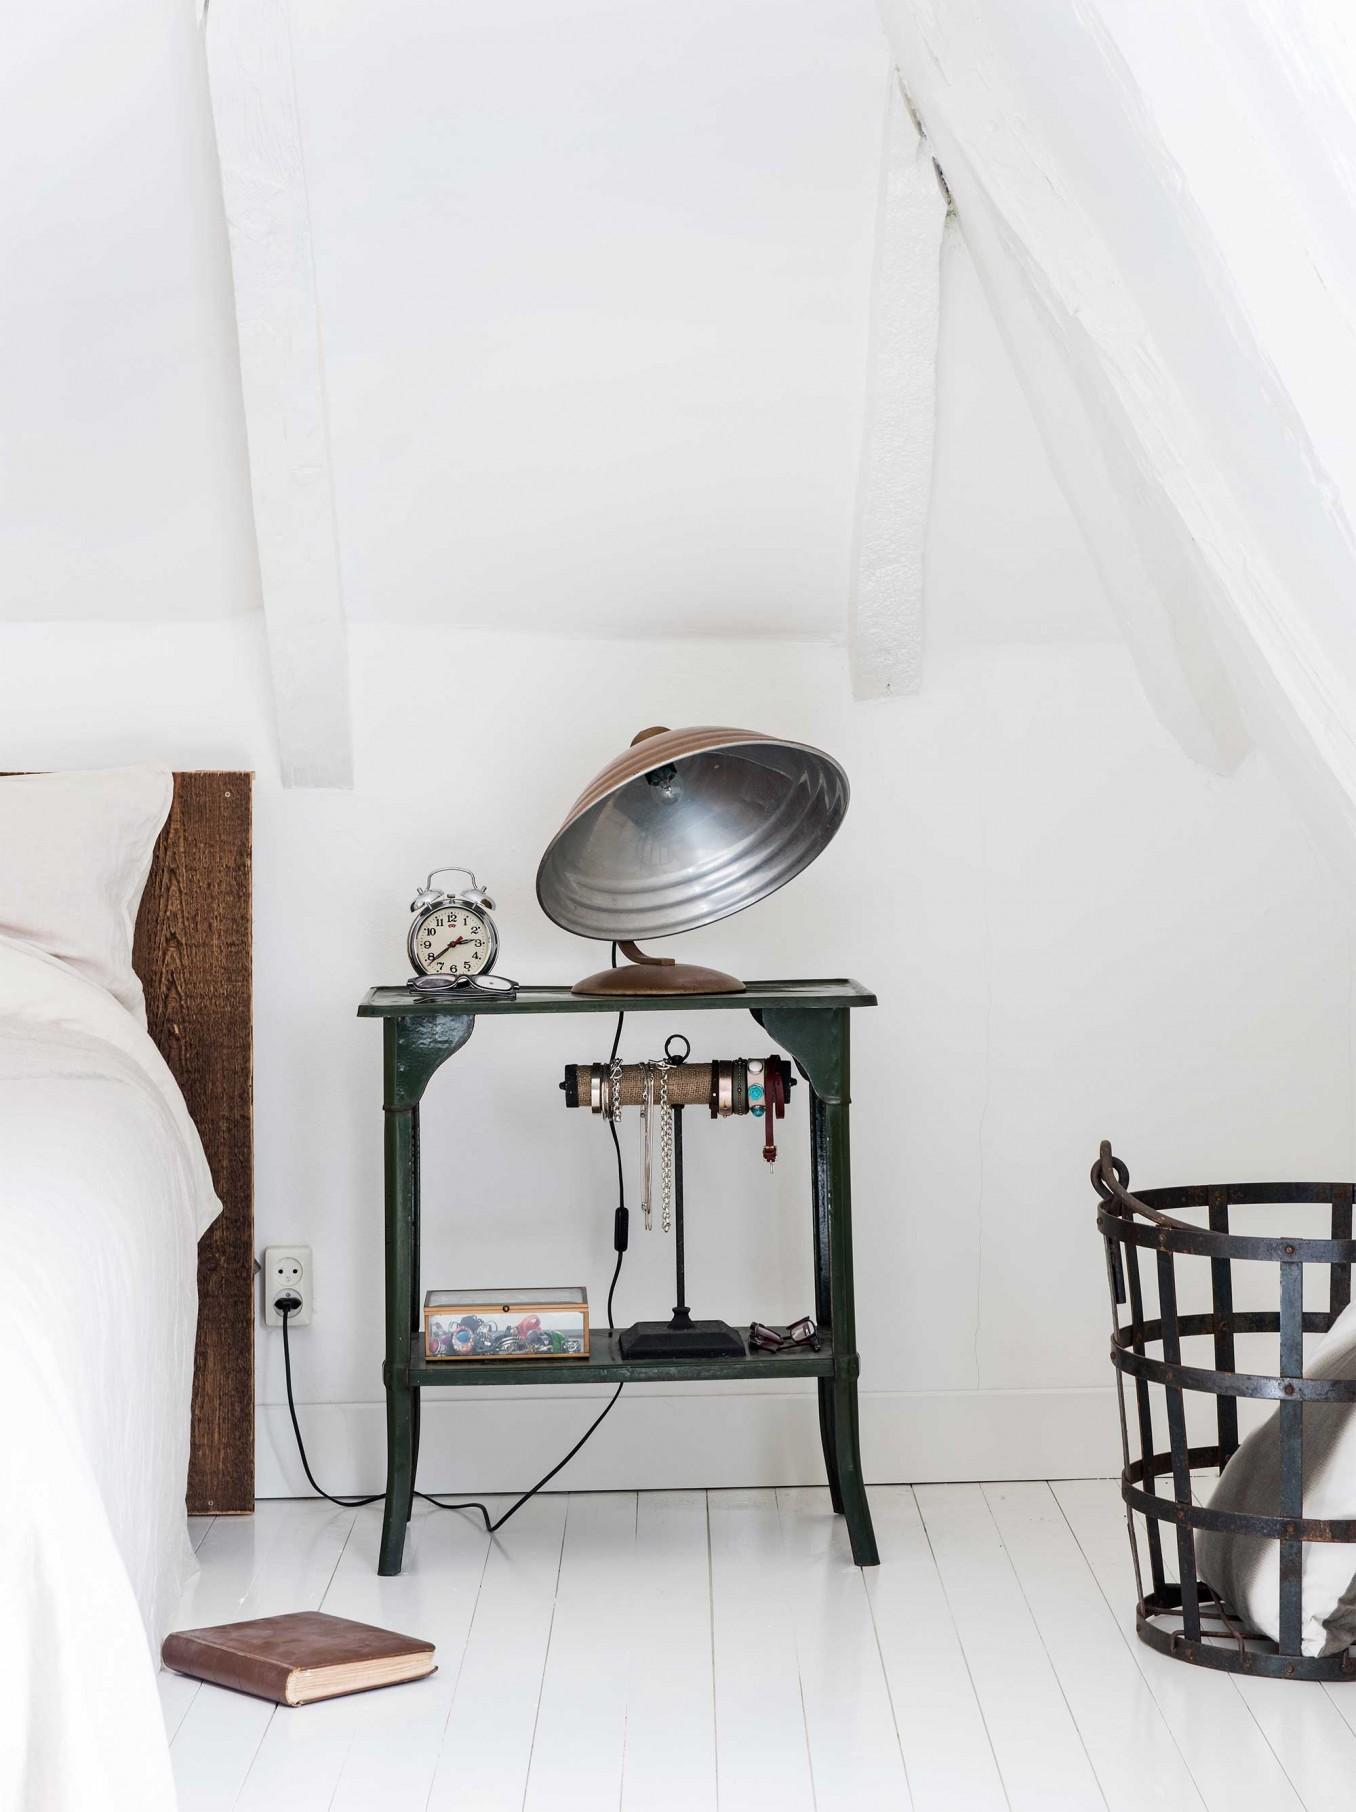 Des meubles chinés et une jolie lampe vintage pour décorer cette chambre minimaliste. Retrouvez toutes les photos de cet intérieur dans l'article.